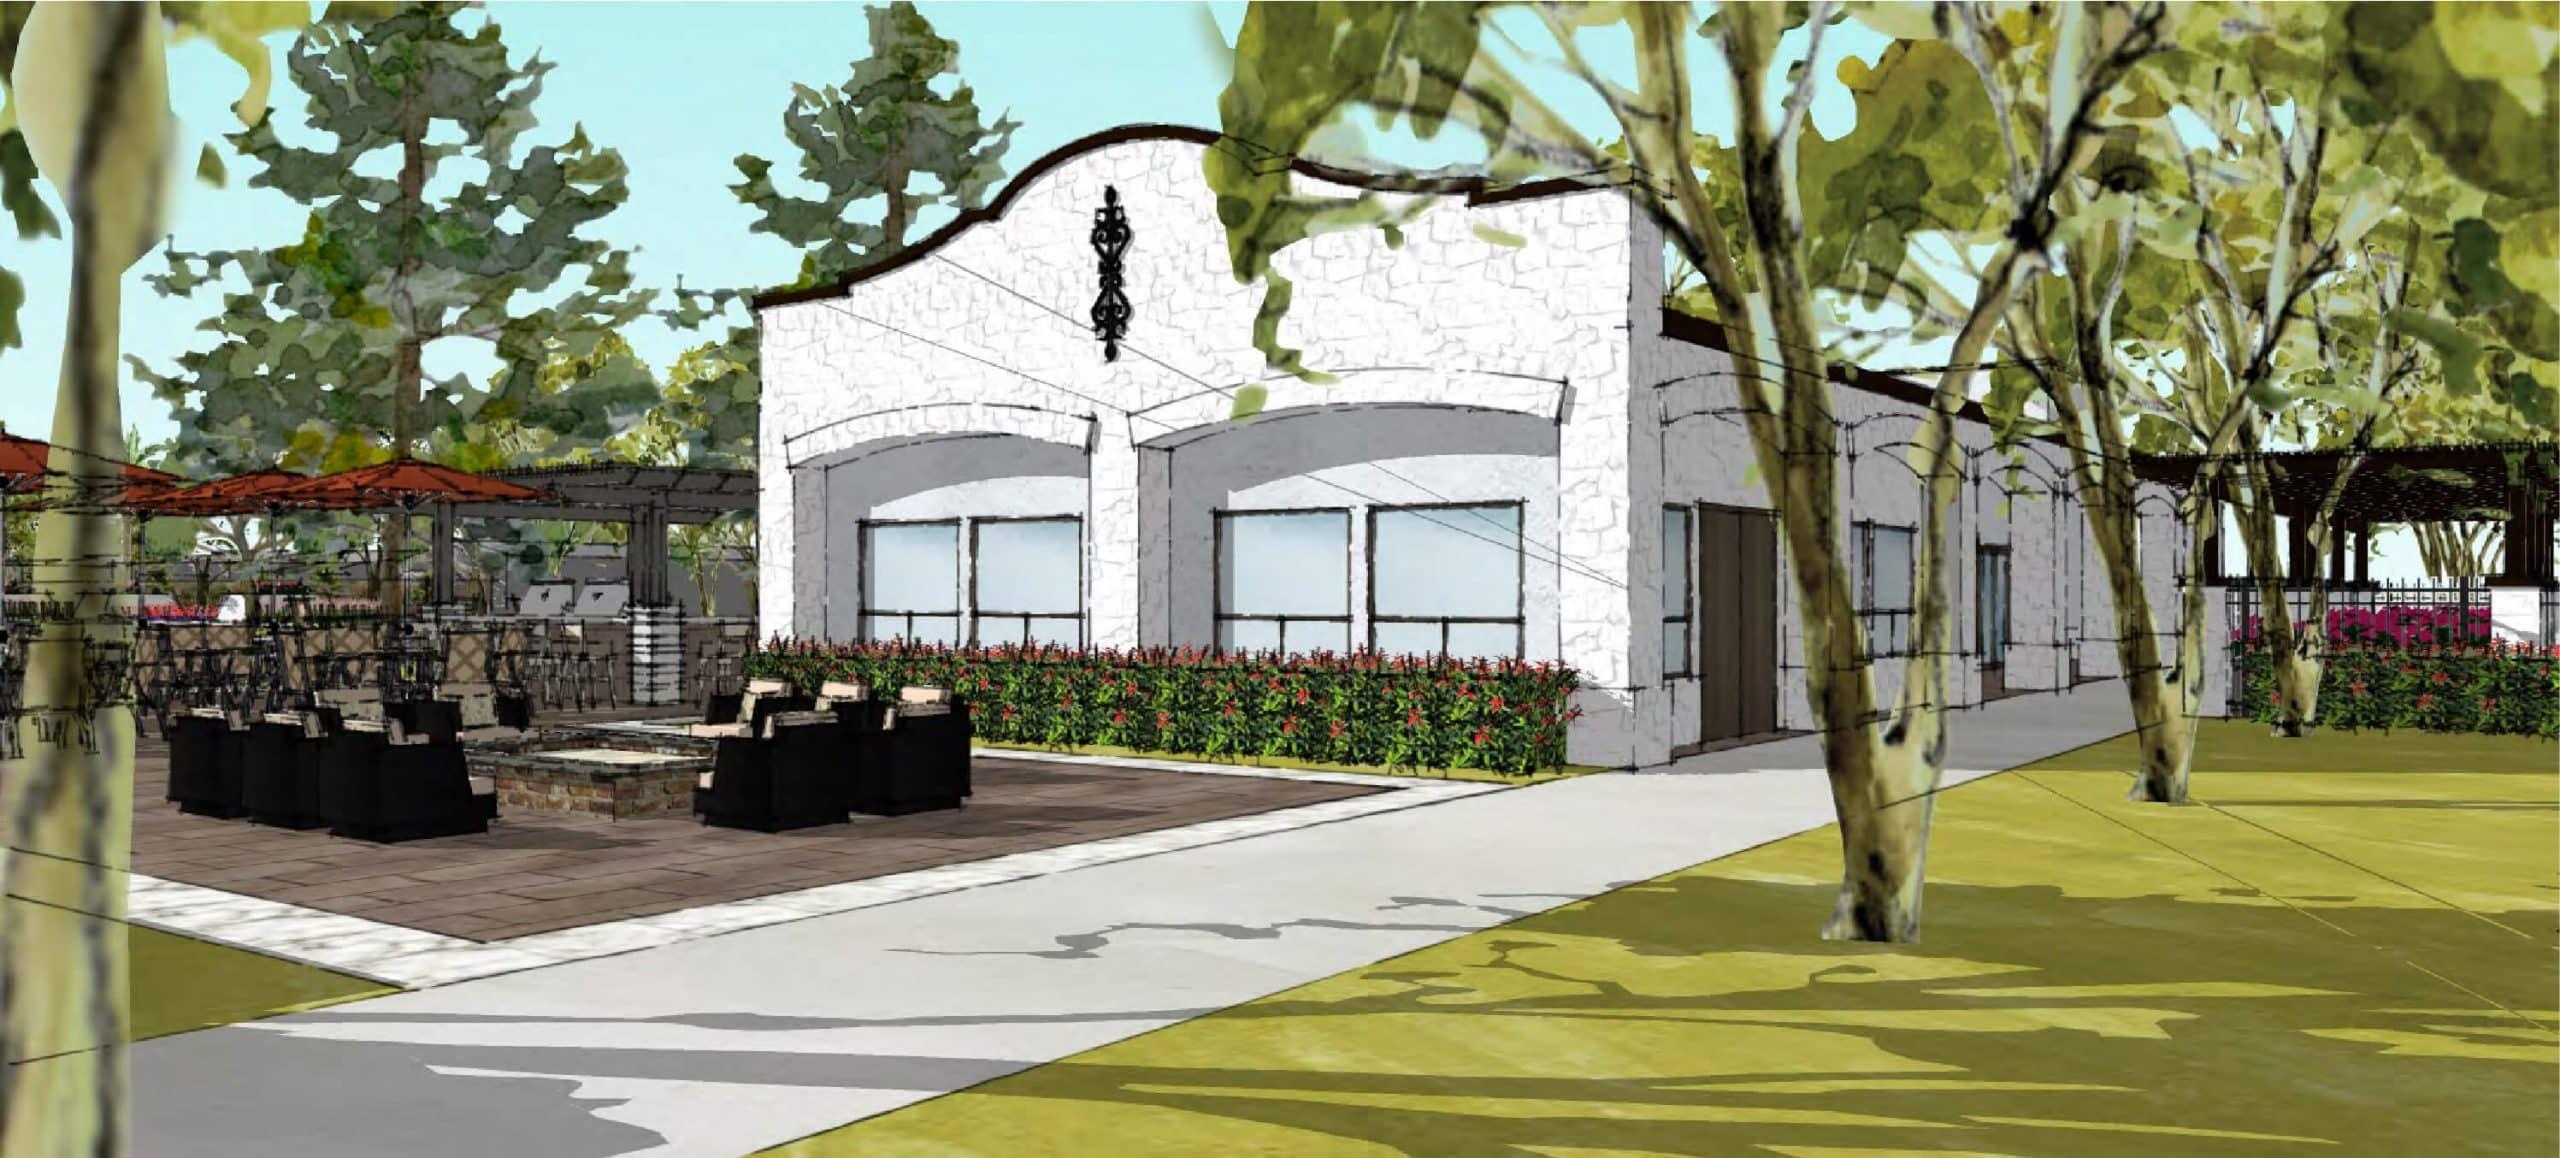 Palms Club Architecture Revision 2019 08 13 Part2 01